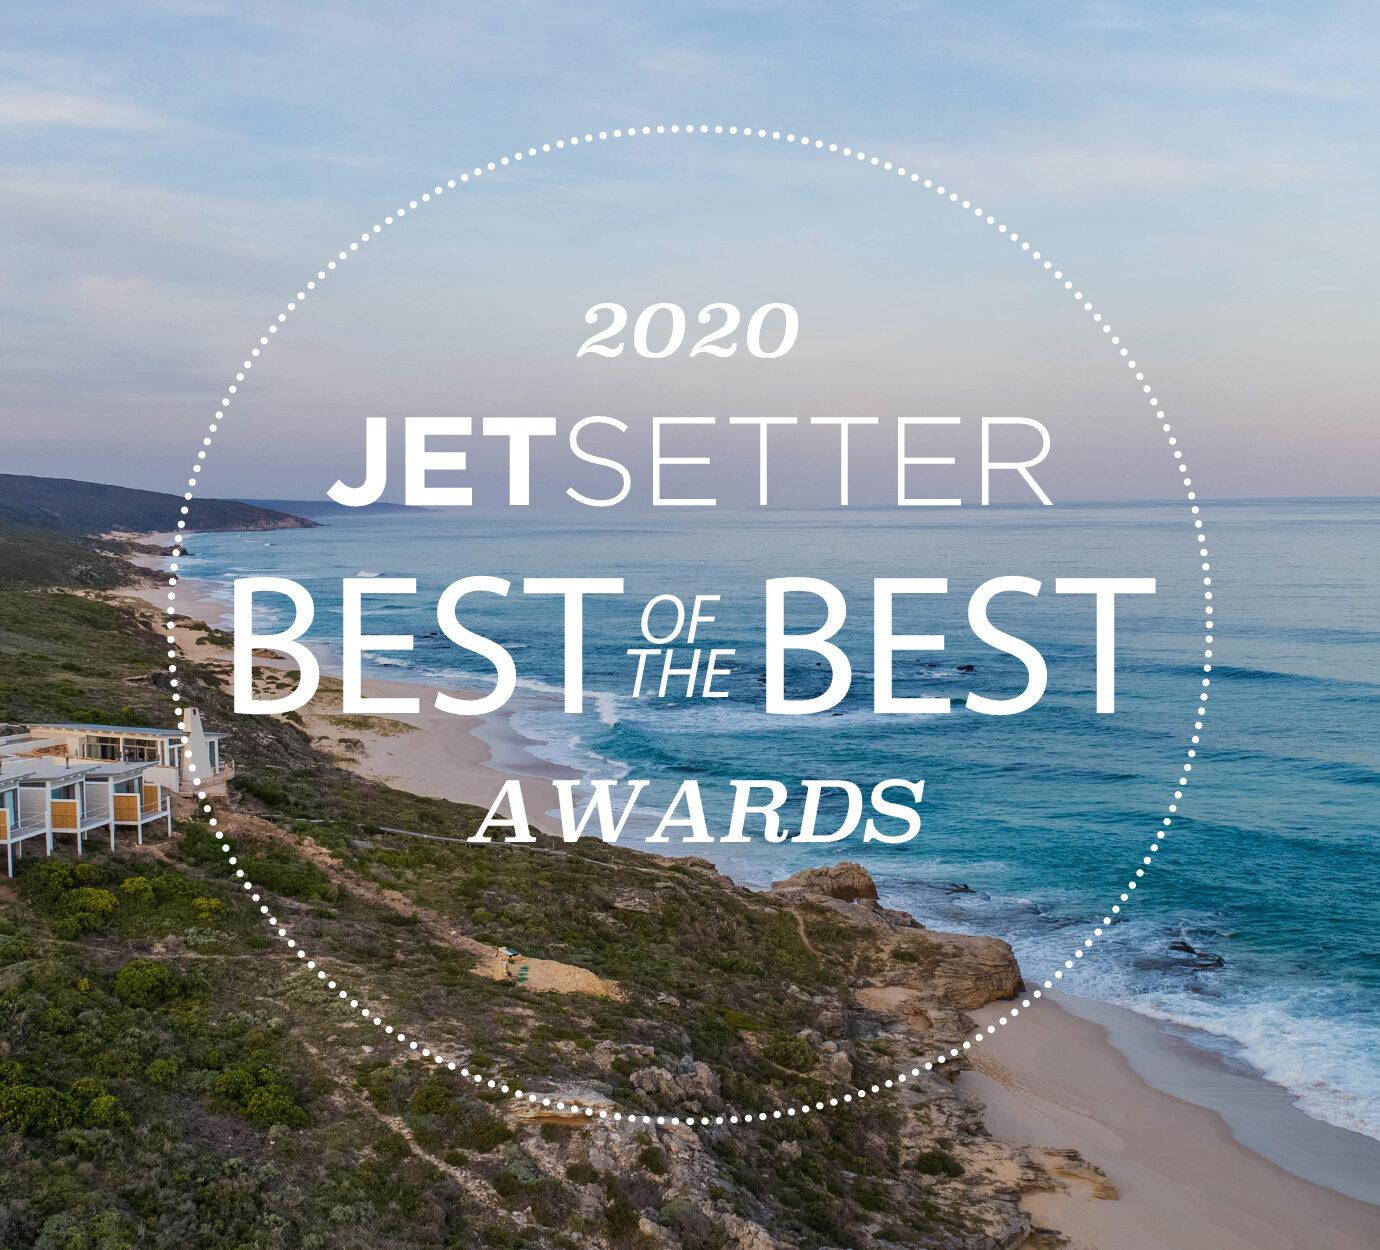 Jetsetter Best of the Best Awards 2020